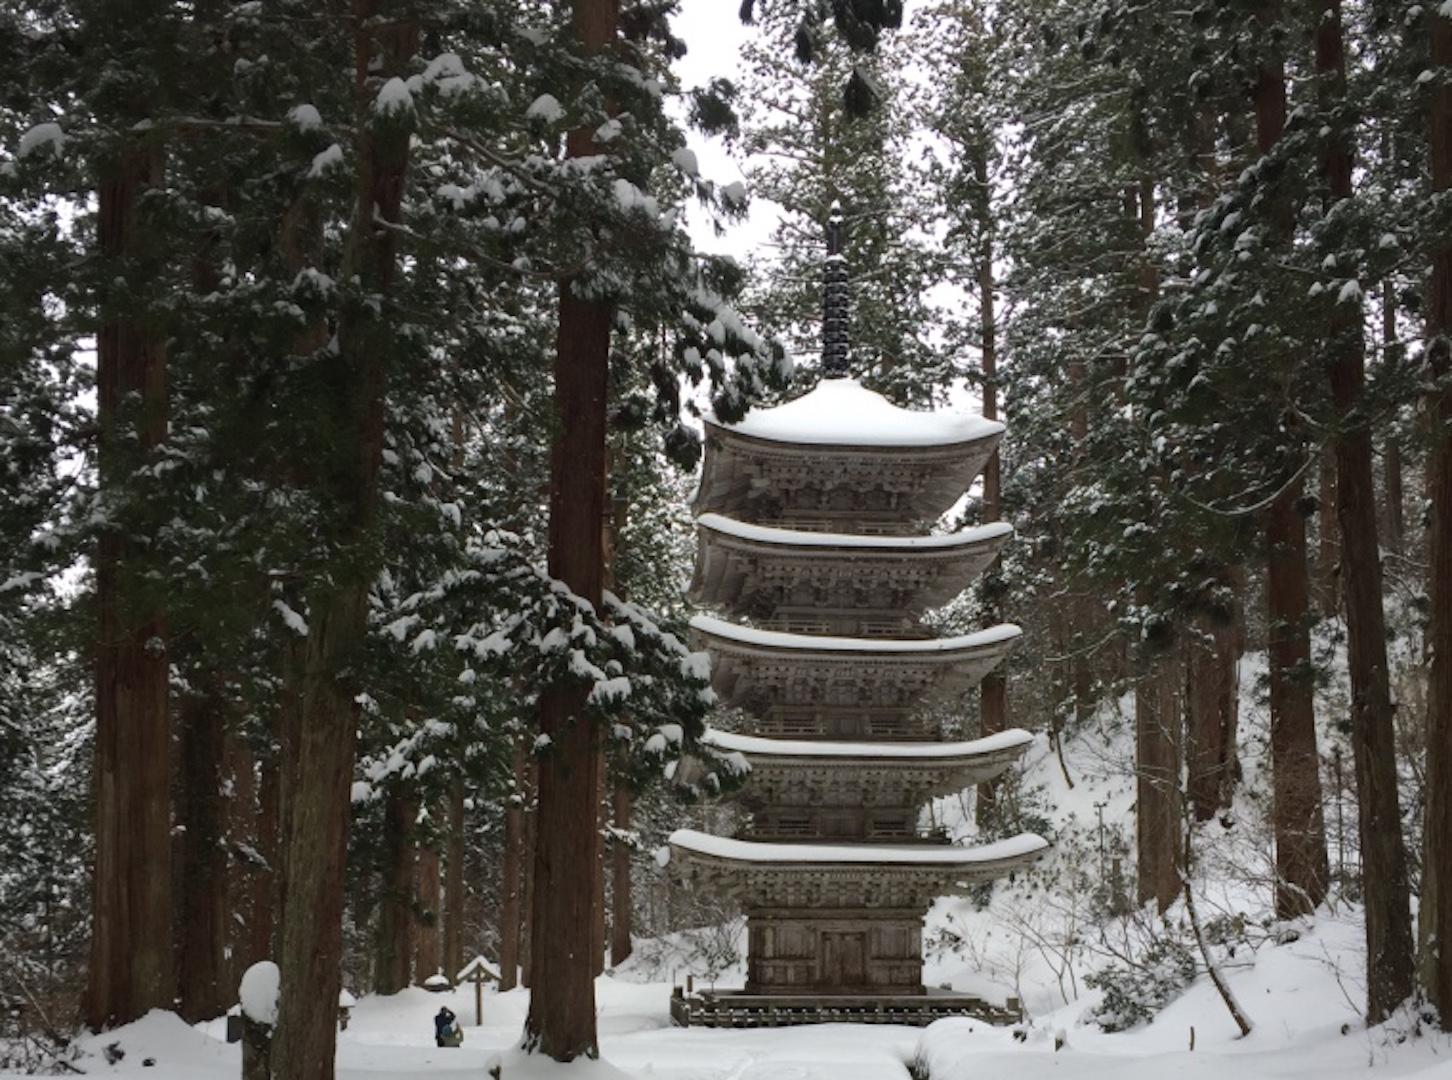 羽黒山五重塔では、杉並木を歩きながら風情を味わおう